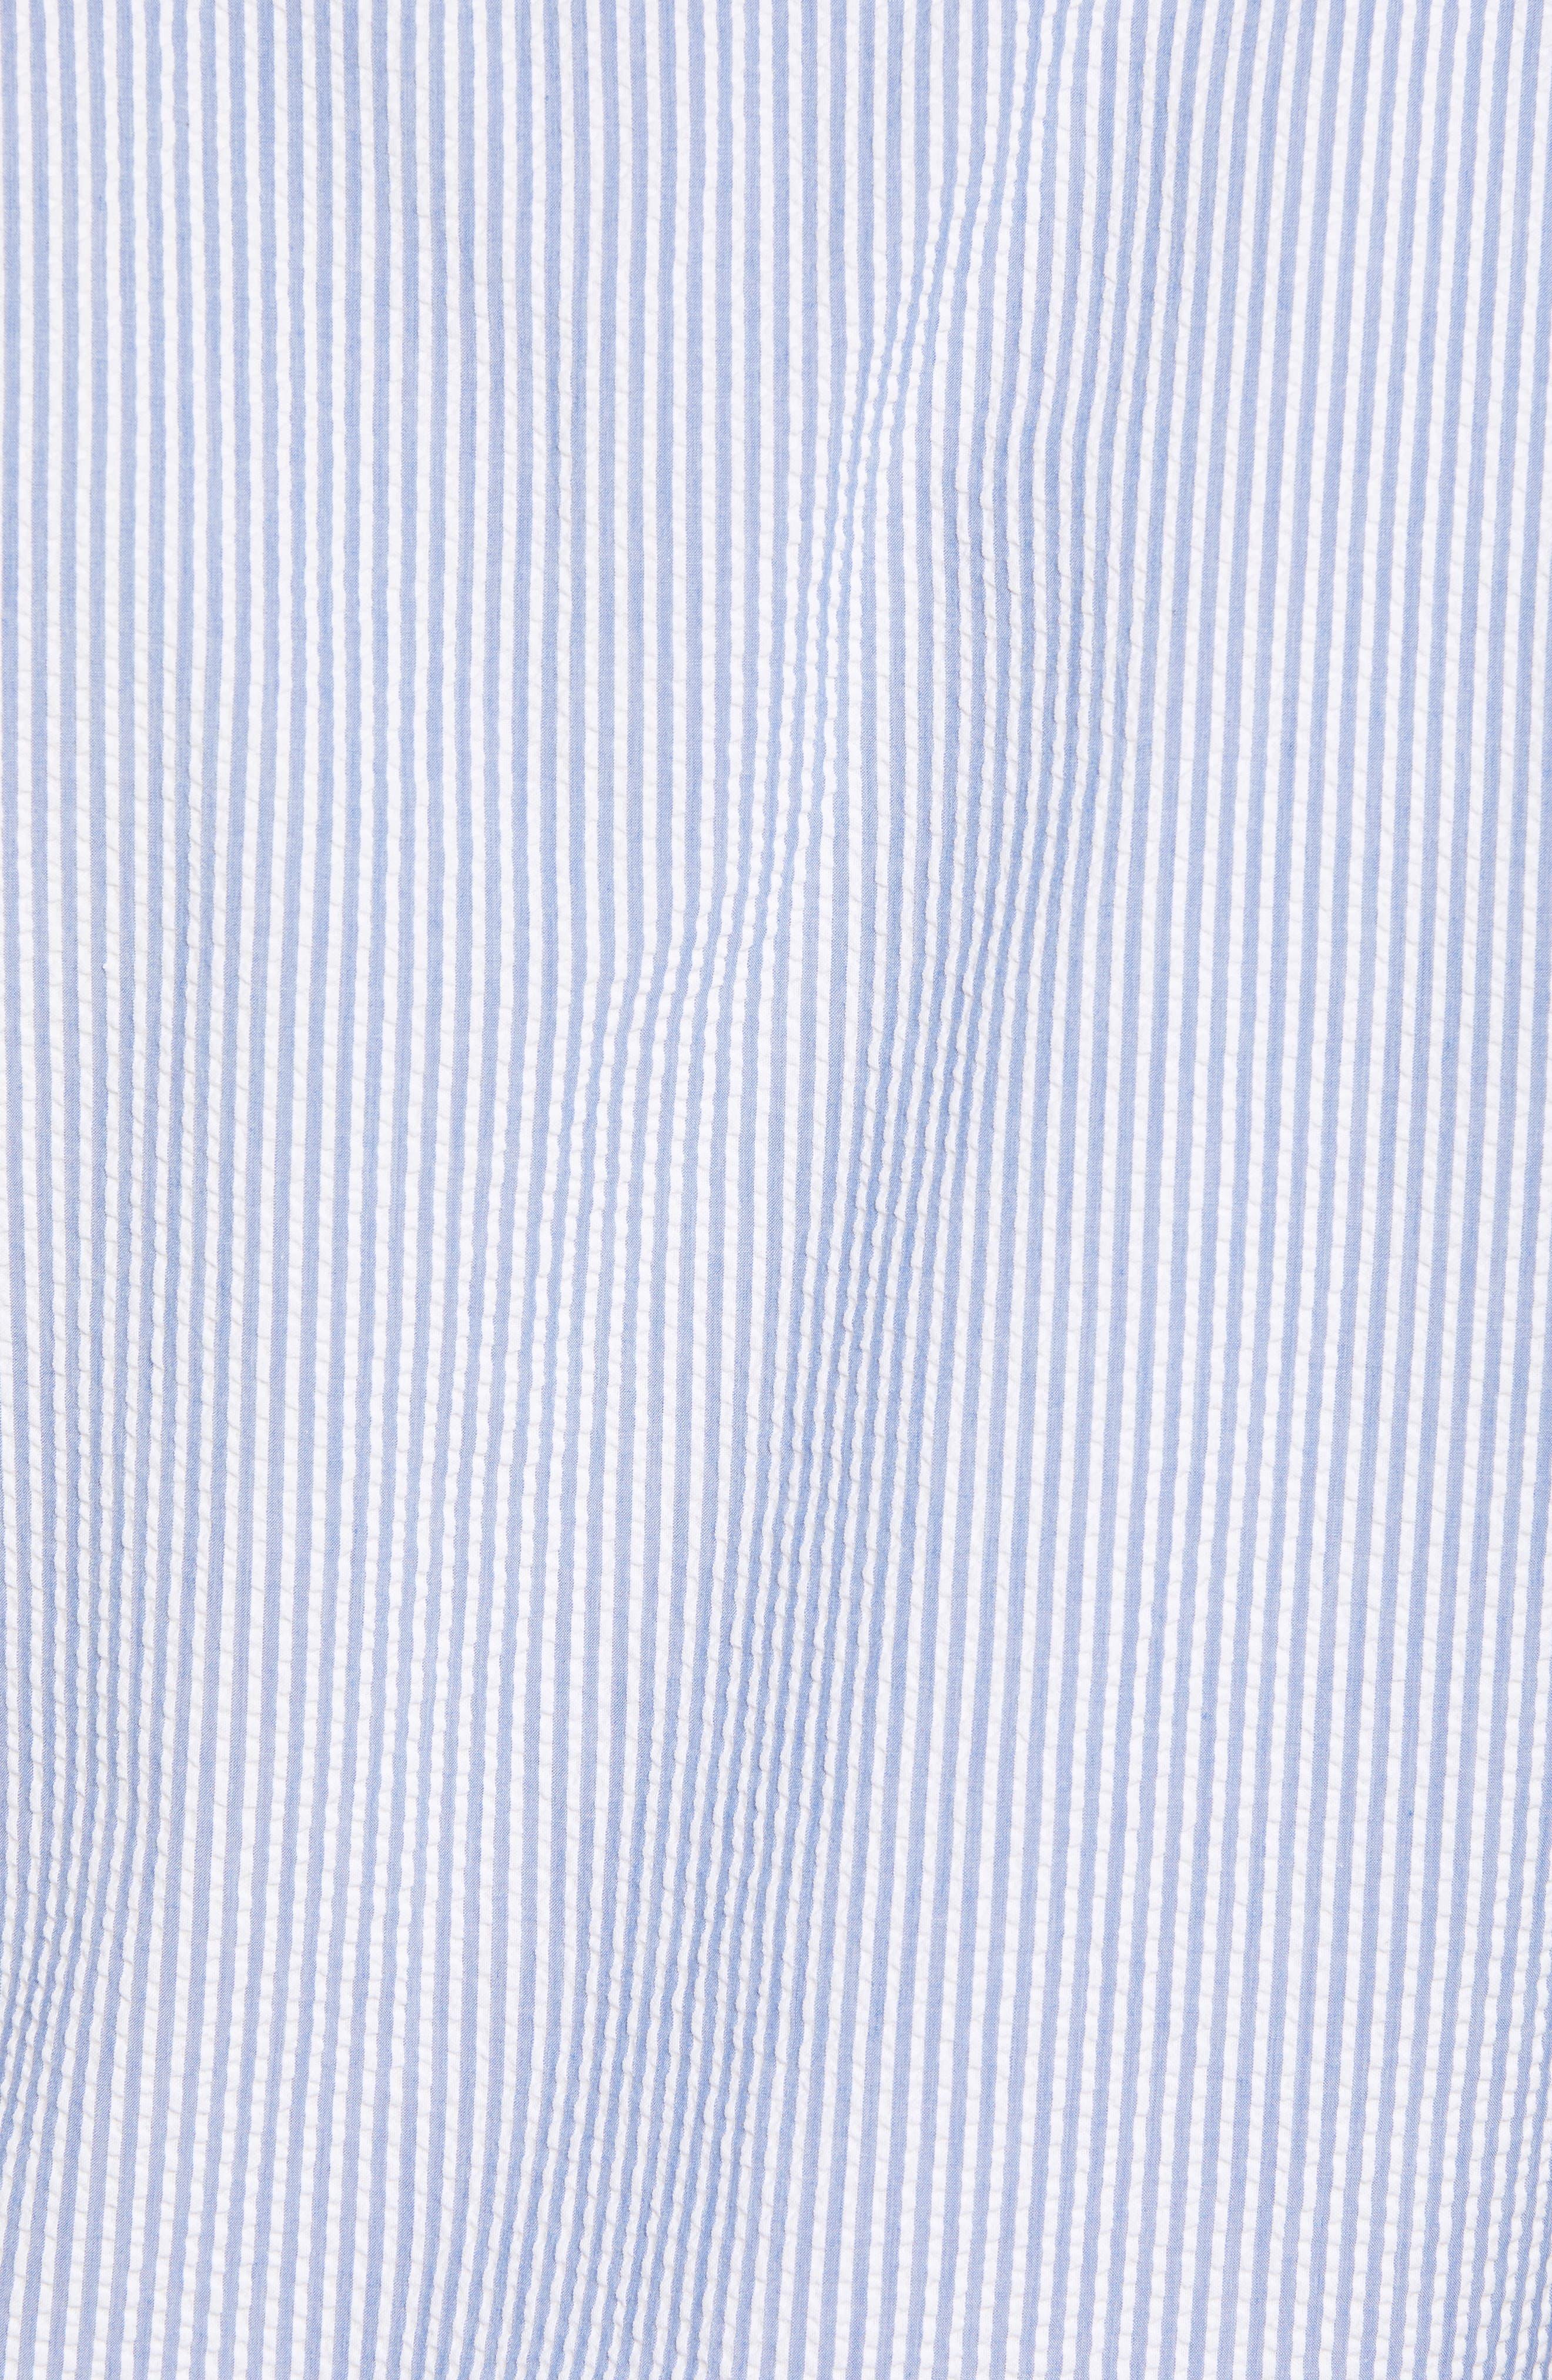 Summertime Stripe Seersucker Sport Shirt,                             Alternate thumbnail 5, color,                             BLUE CEILLO